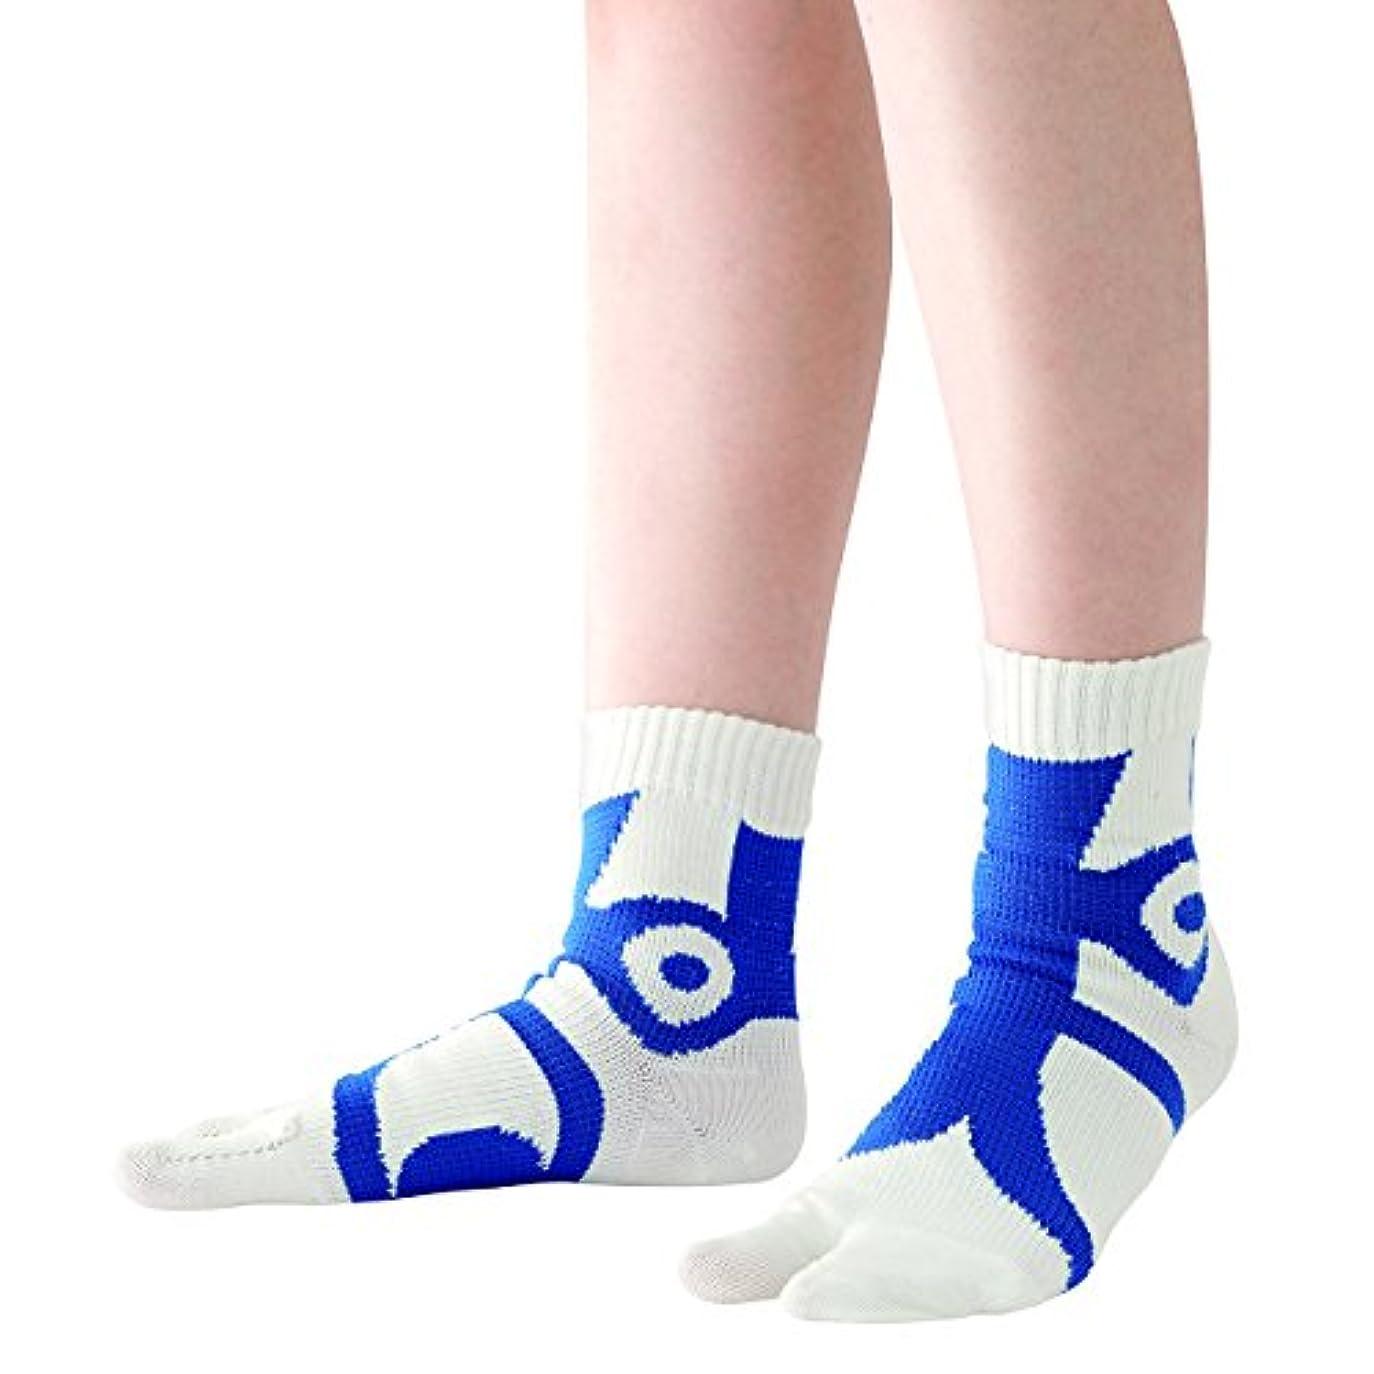 引退するレイアウト肘掛け椅子快歩テーピング靴下 ホワイト×ブルー